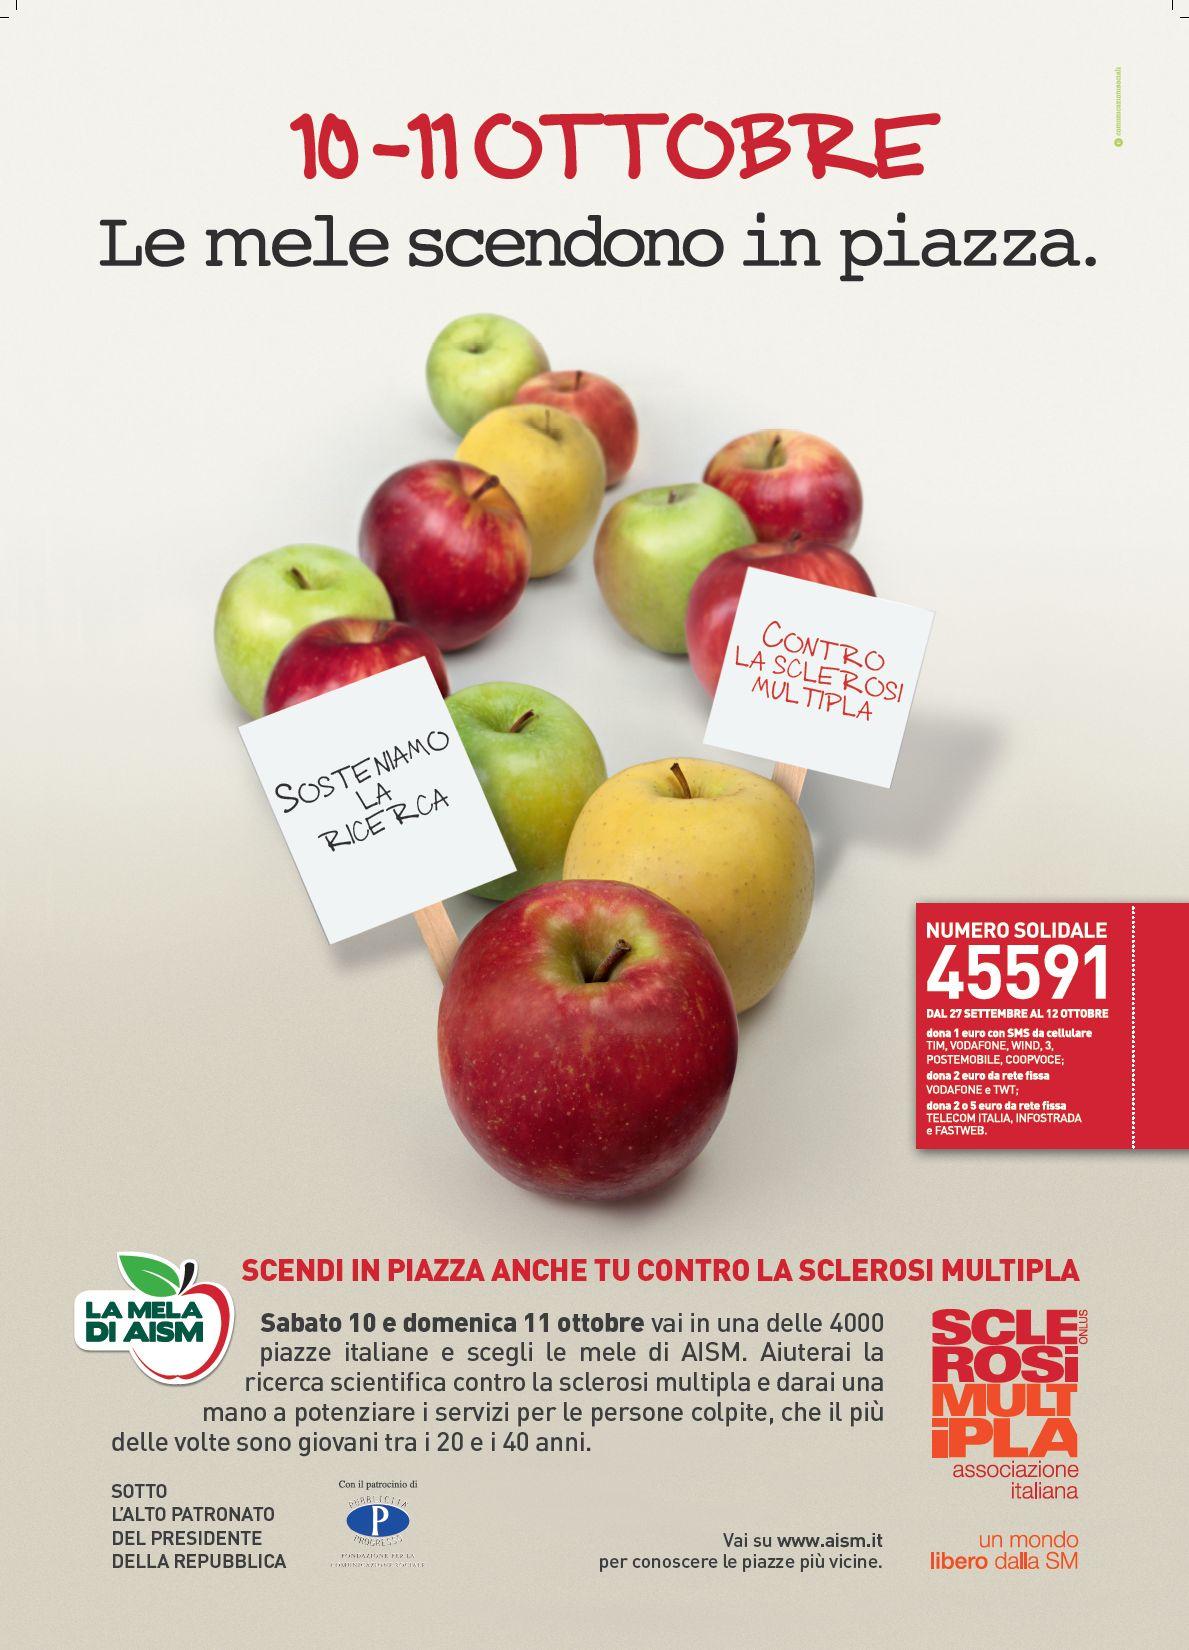 Le piazze del Salento dove acquistare le mele di AISM